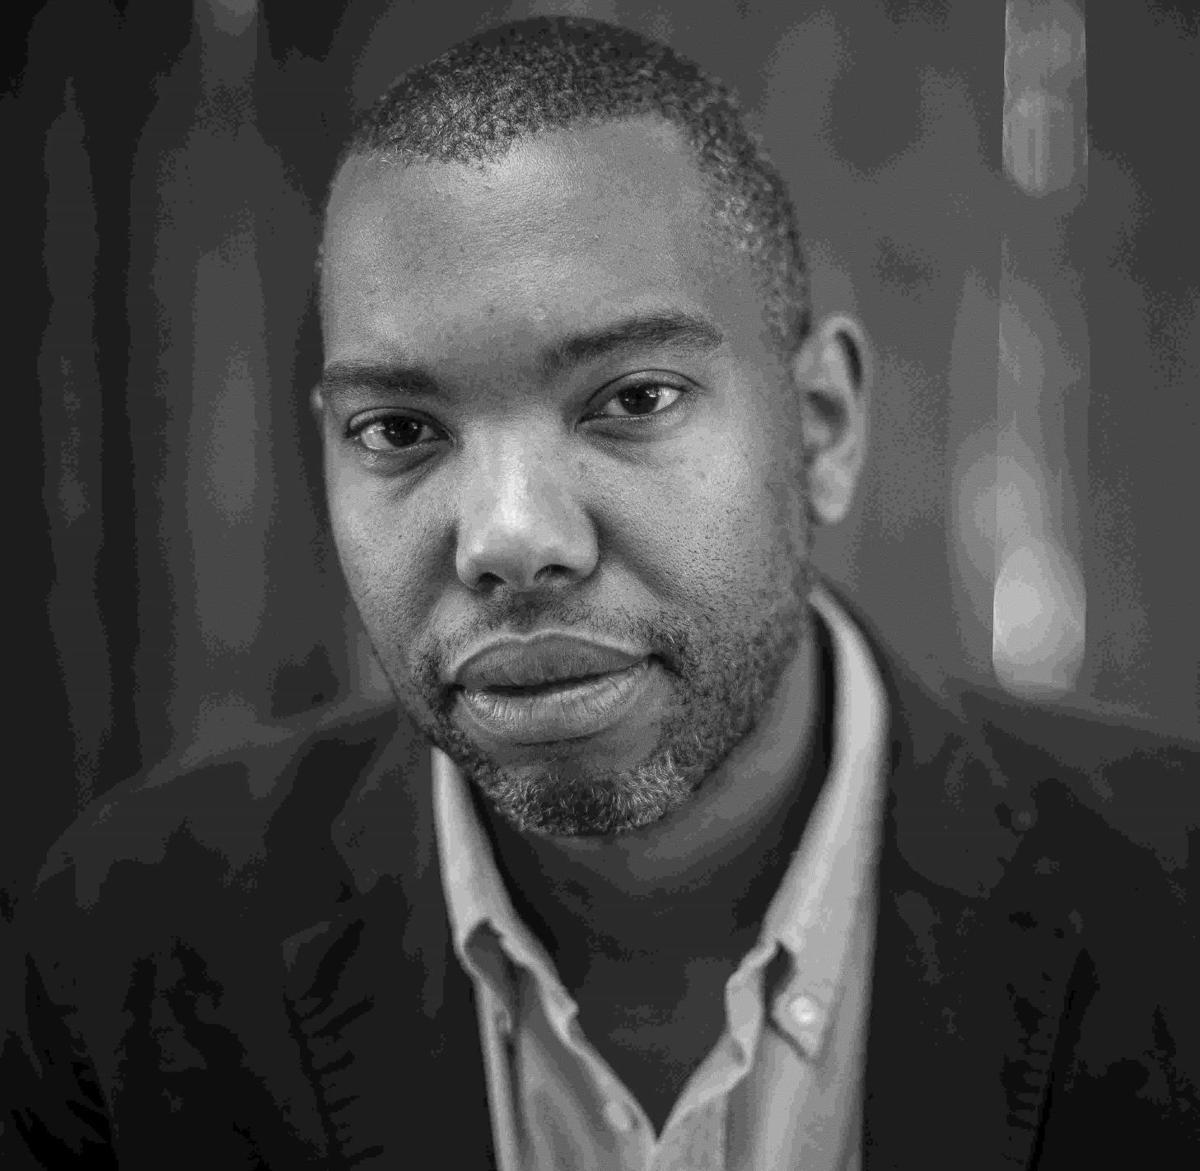 Author Ta-Nehisi Coates